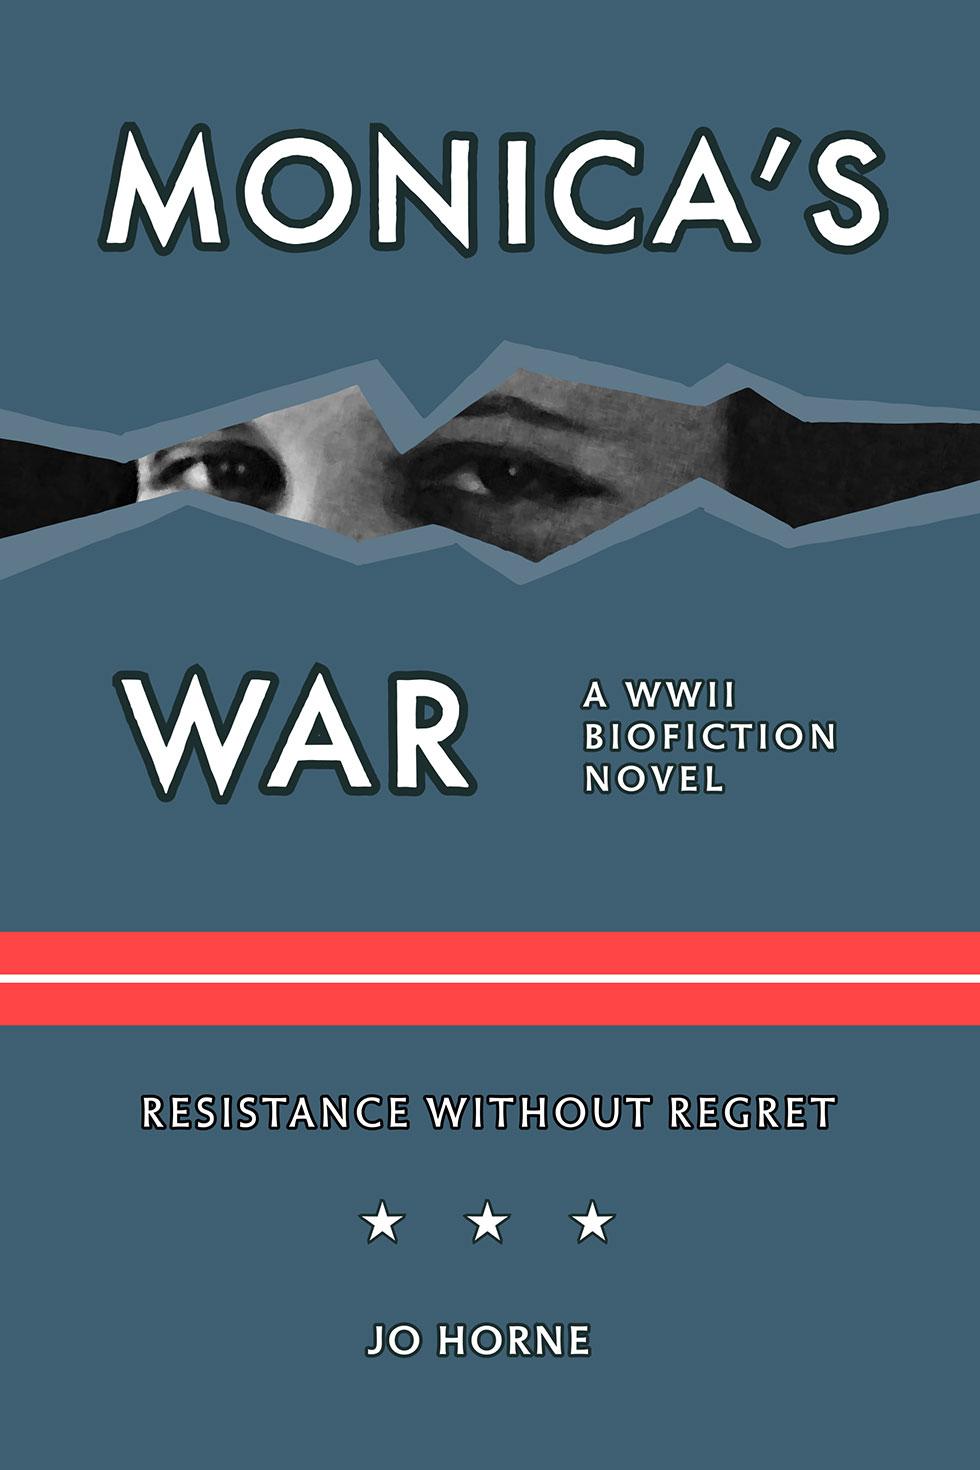 Monicas War by Jo Horne